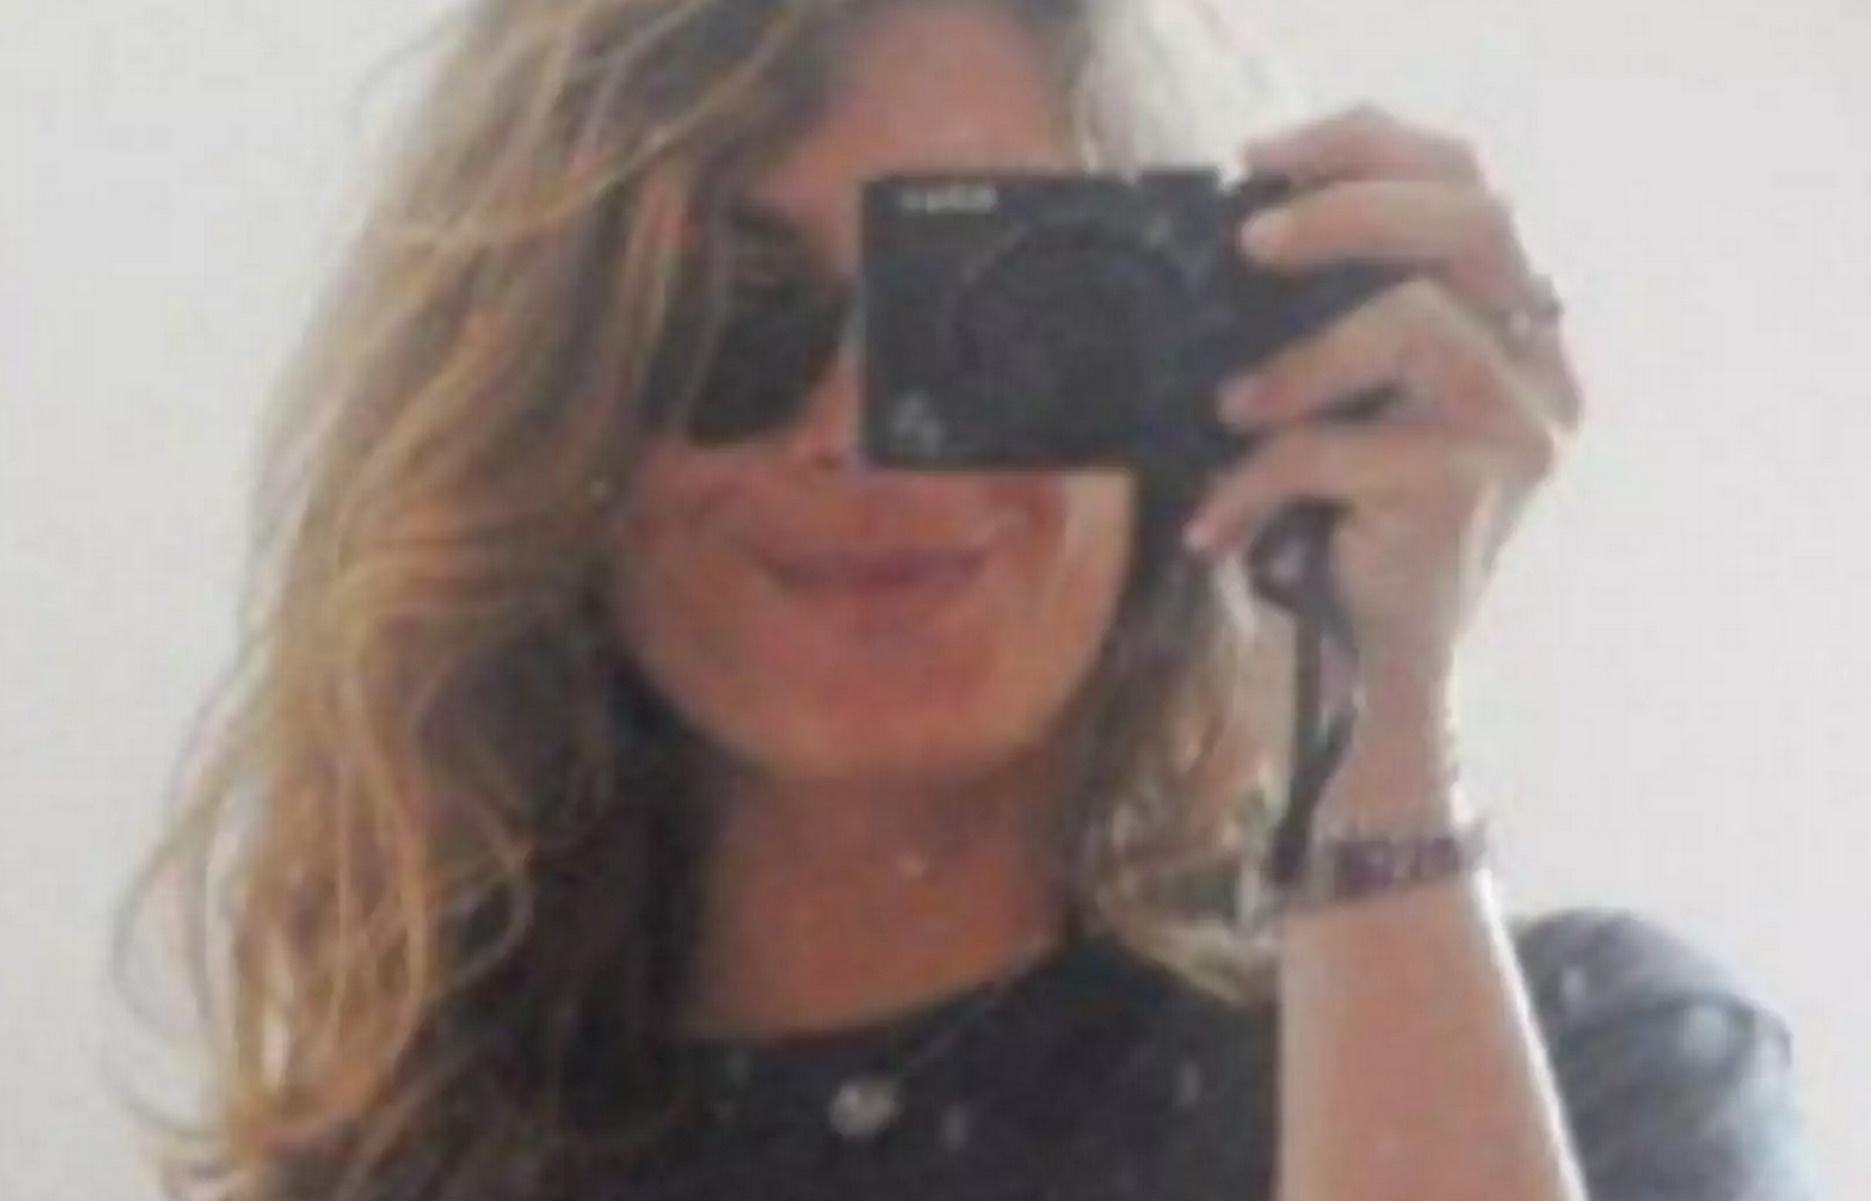 Δικηγόρος οικογένειας Κορίνας: «Δεν ανέβηκε τον γκρεμό με γυμνά πόδια ο 40χρονος όπως ισχυρίστηκε»